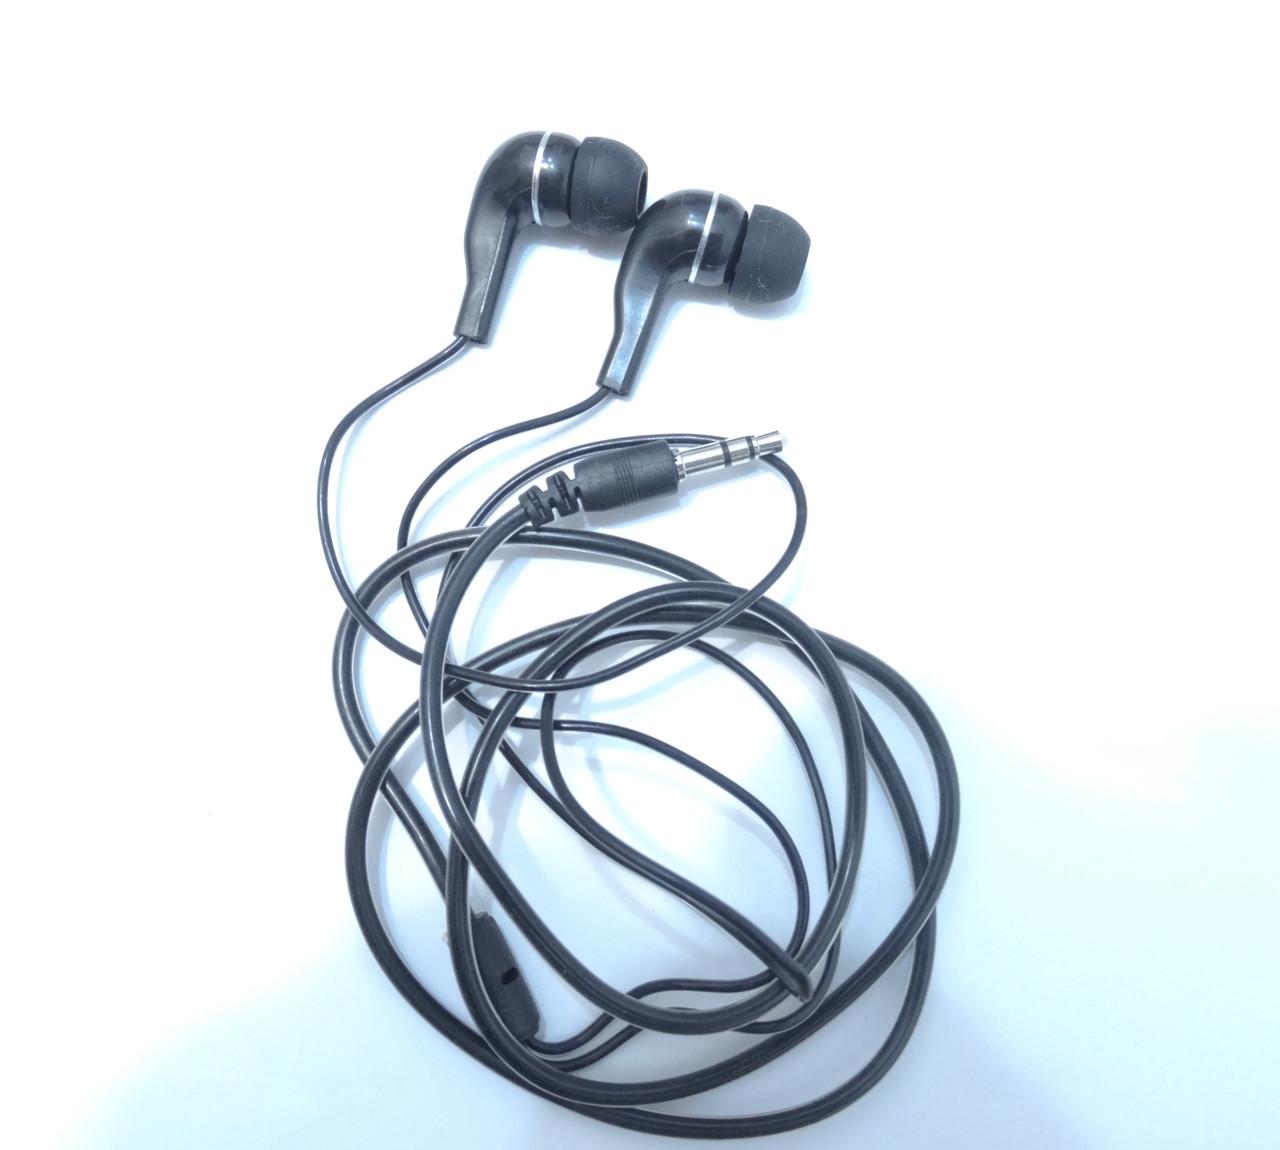 Наушкики для MP3 Samsung HTC Lenovo телефону смартфона планшета